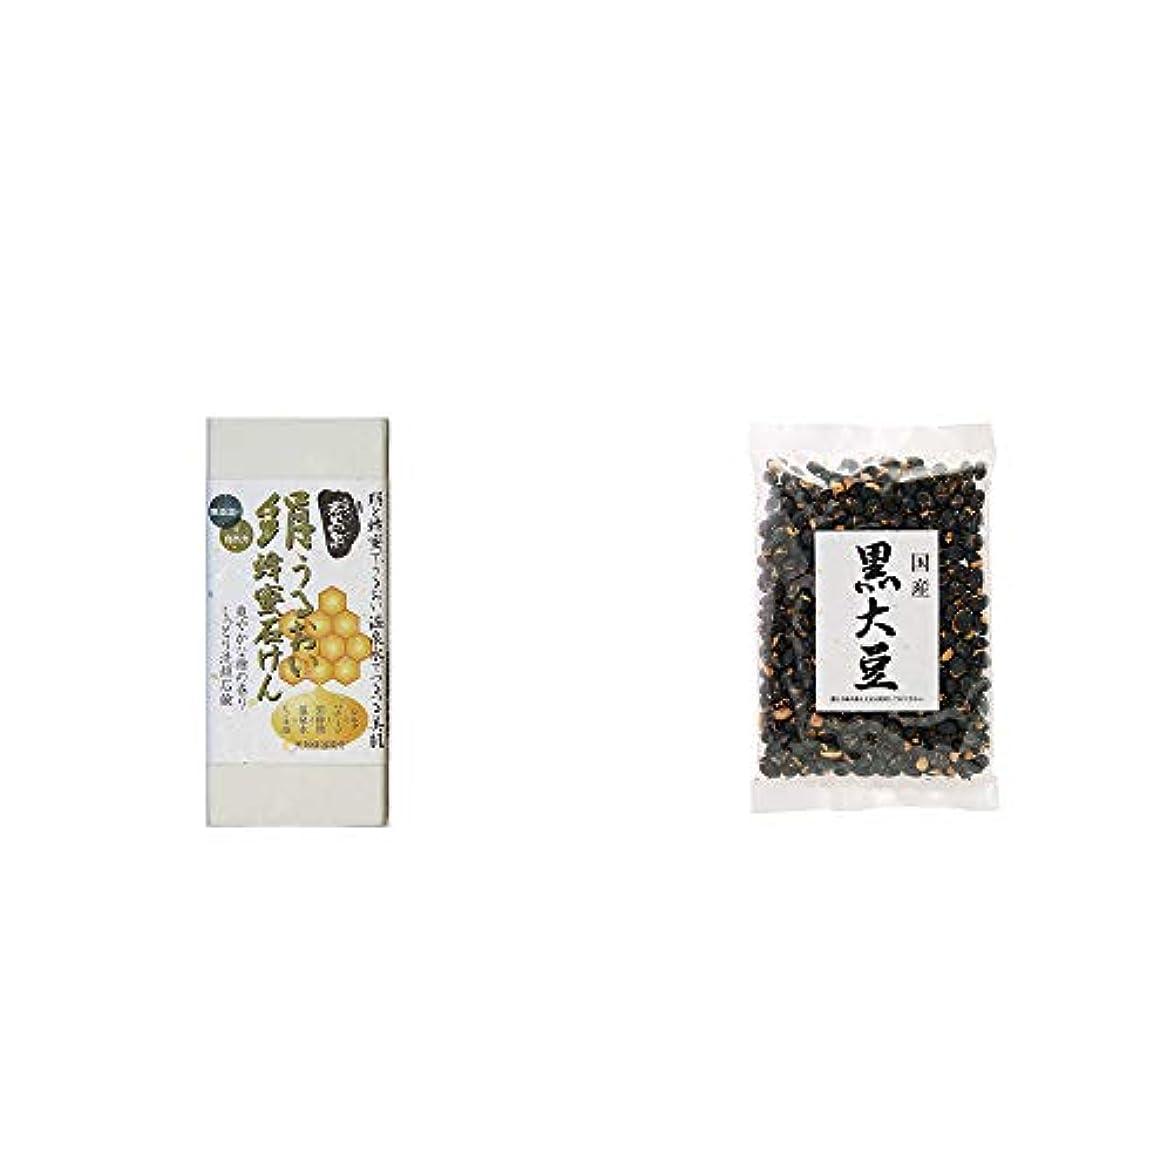 または卑しい直面する[2点セット] ひのき炭黒泉 絹うるおい蜂蜜石けん(75g×2)?国産 黒大豆(140g)